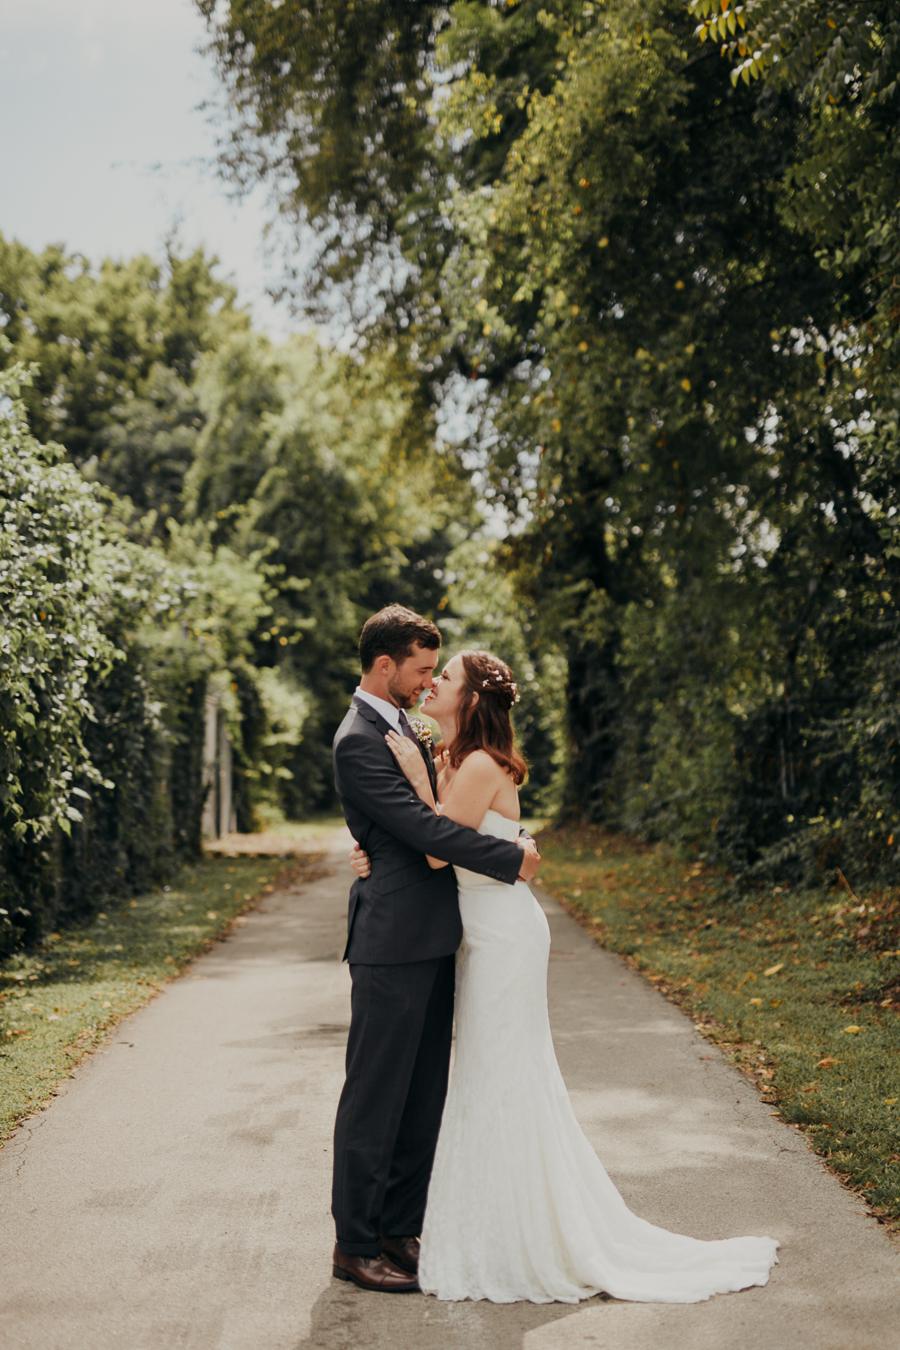 Nashville Wedding Photograpger - Photography Anthology-79.jpg